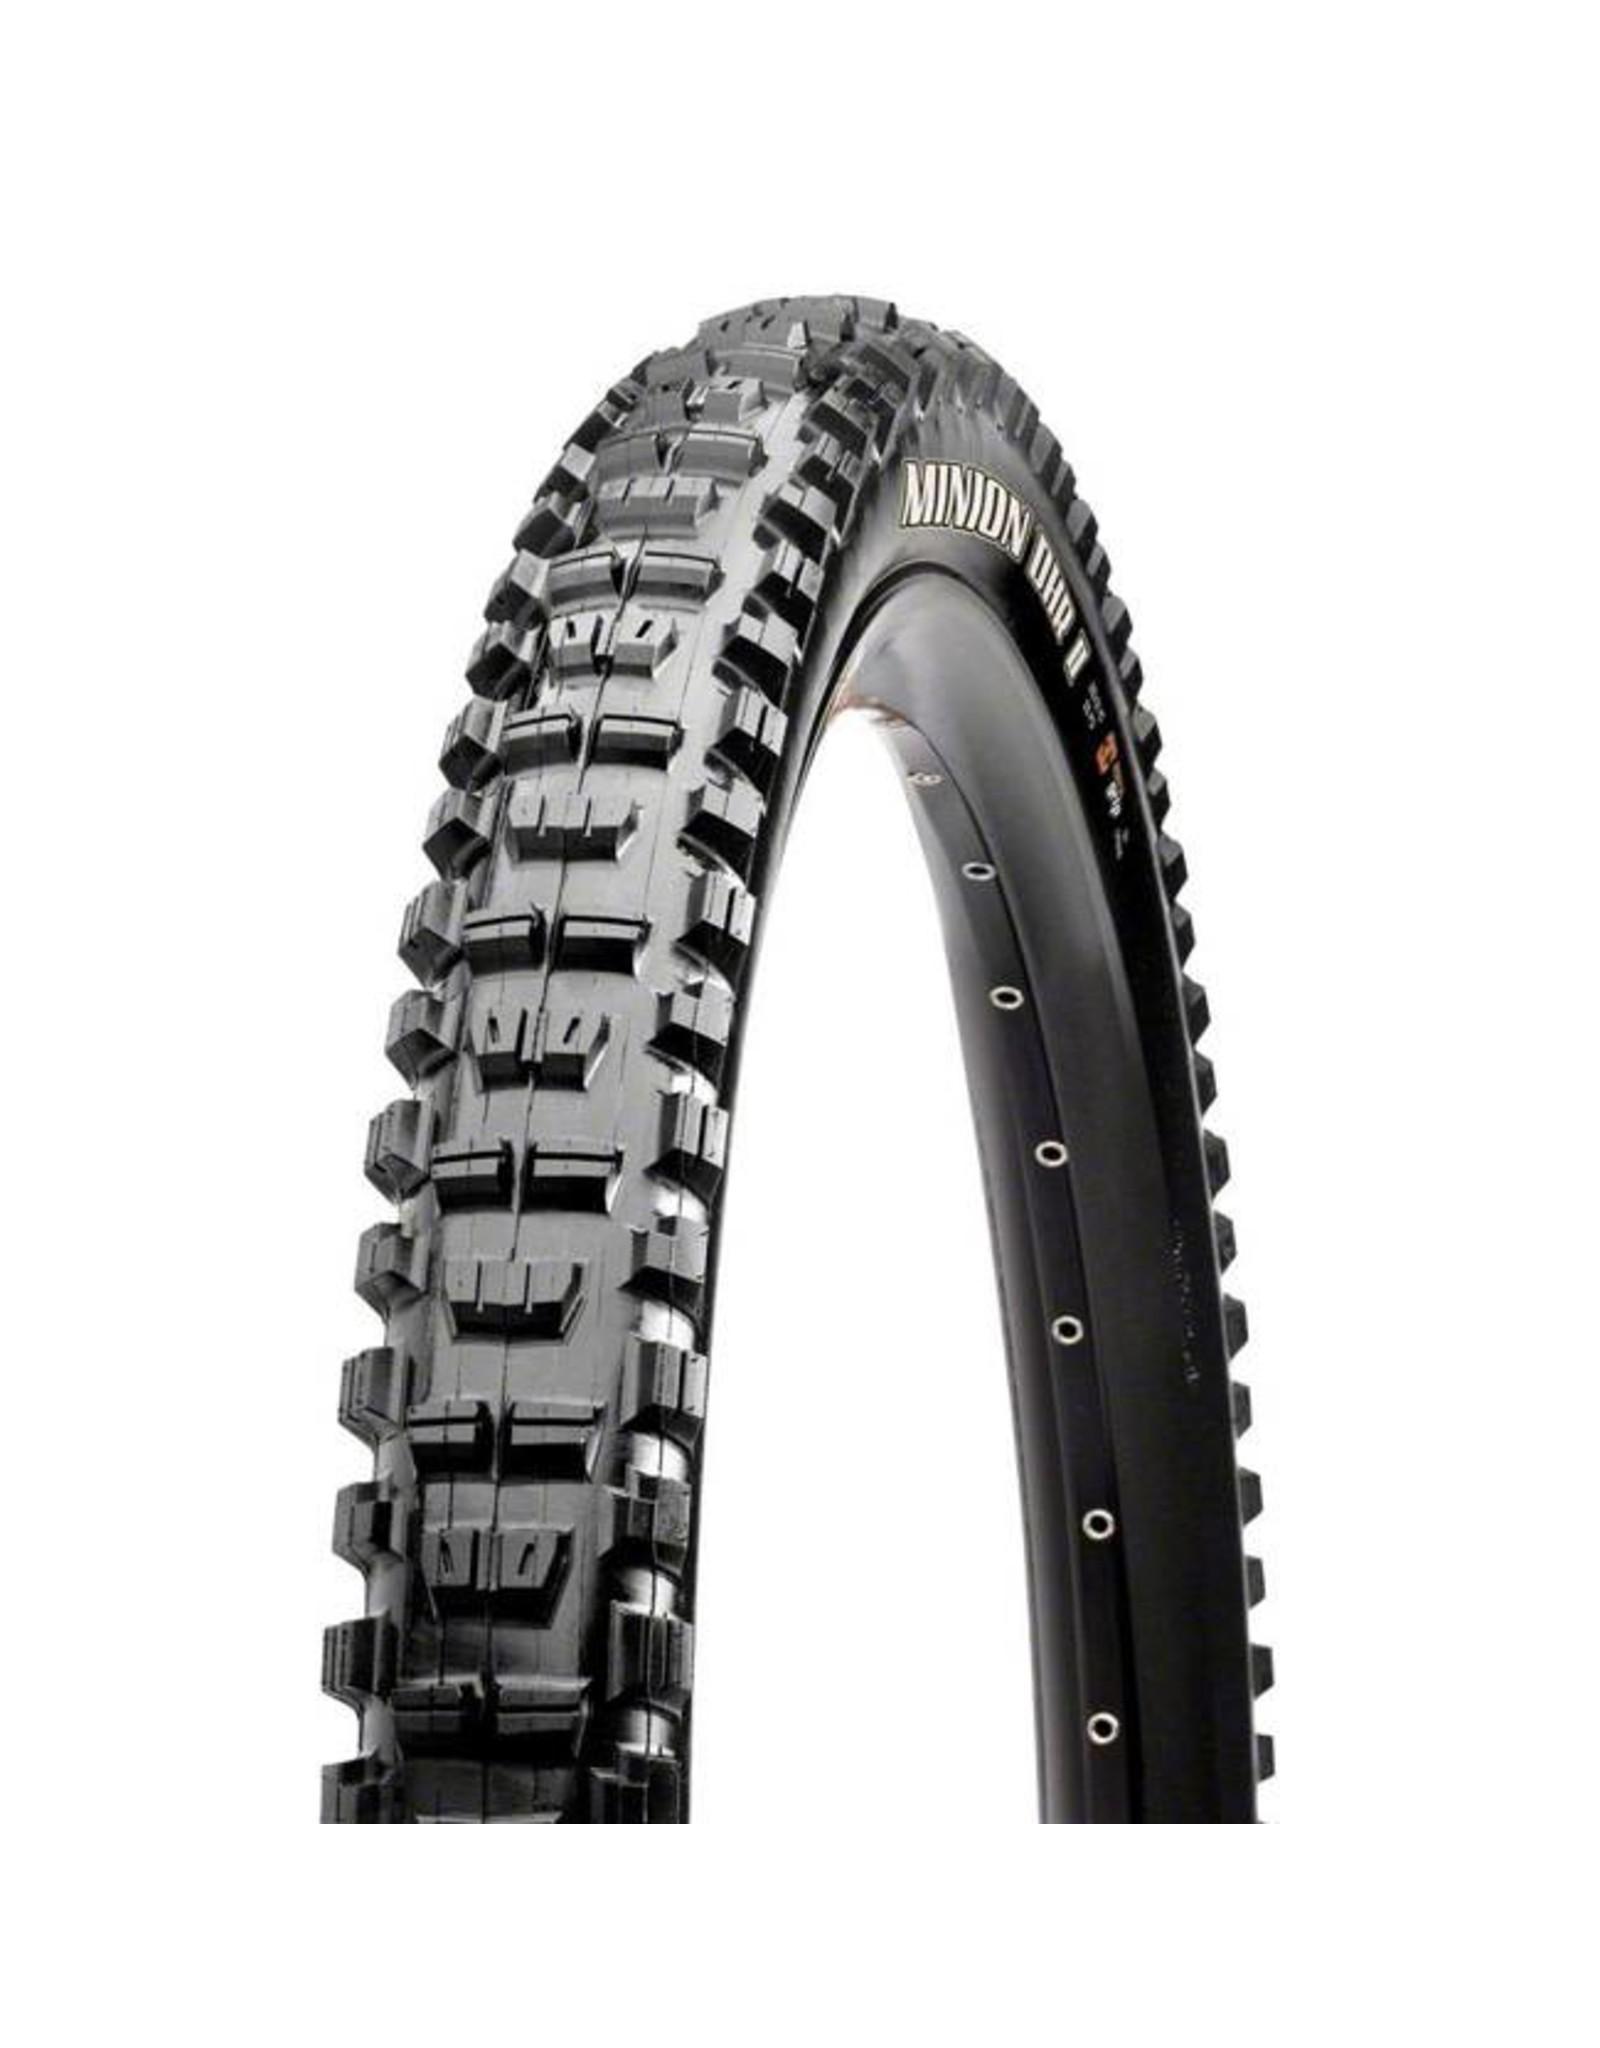 """Maxxis Maxxis Minion DHR II Tire: 27.5 x 2.40"""", Folding, 60tpi, 3C MaxxGrip 2- Ply, Tubeless Ready, Wide Trail, Black"""